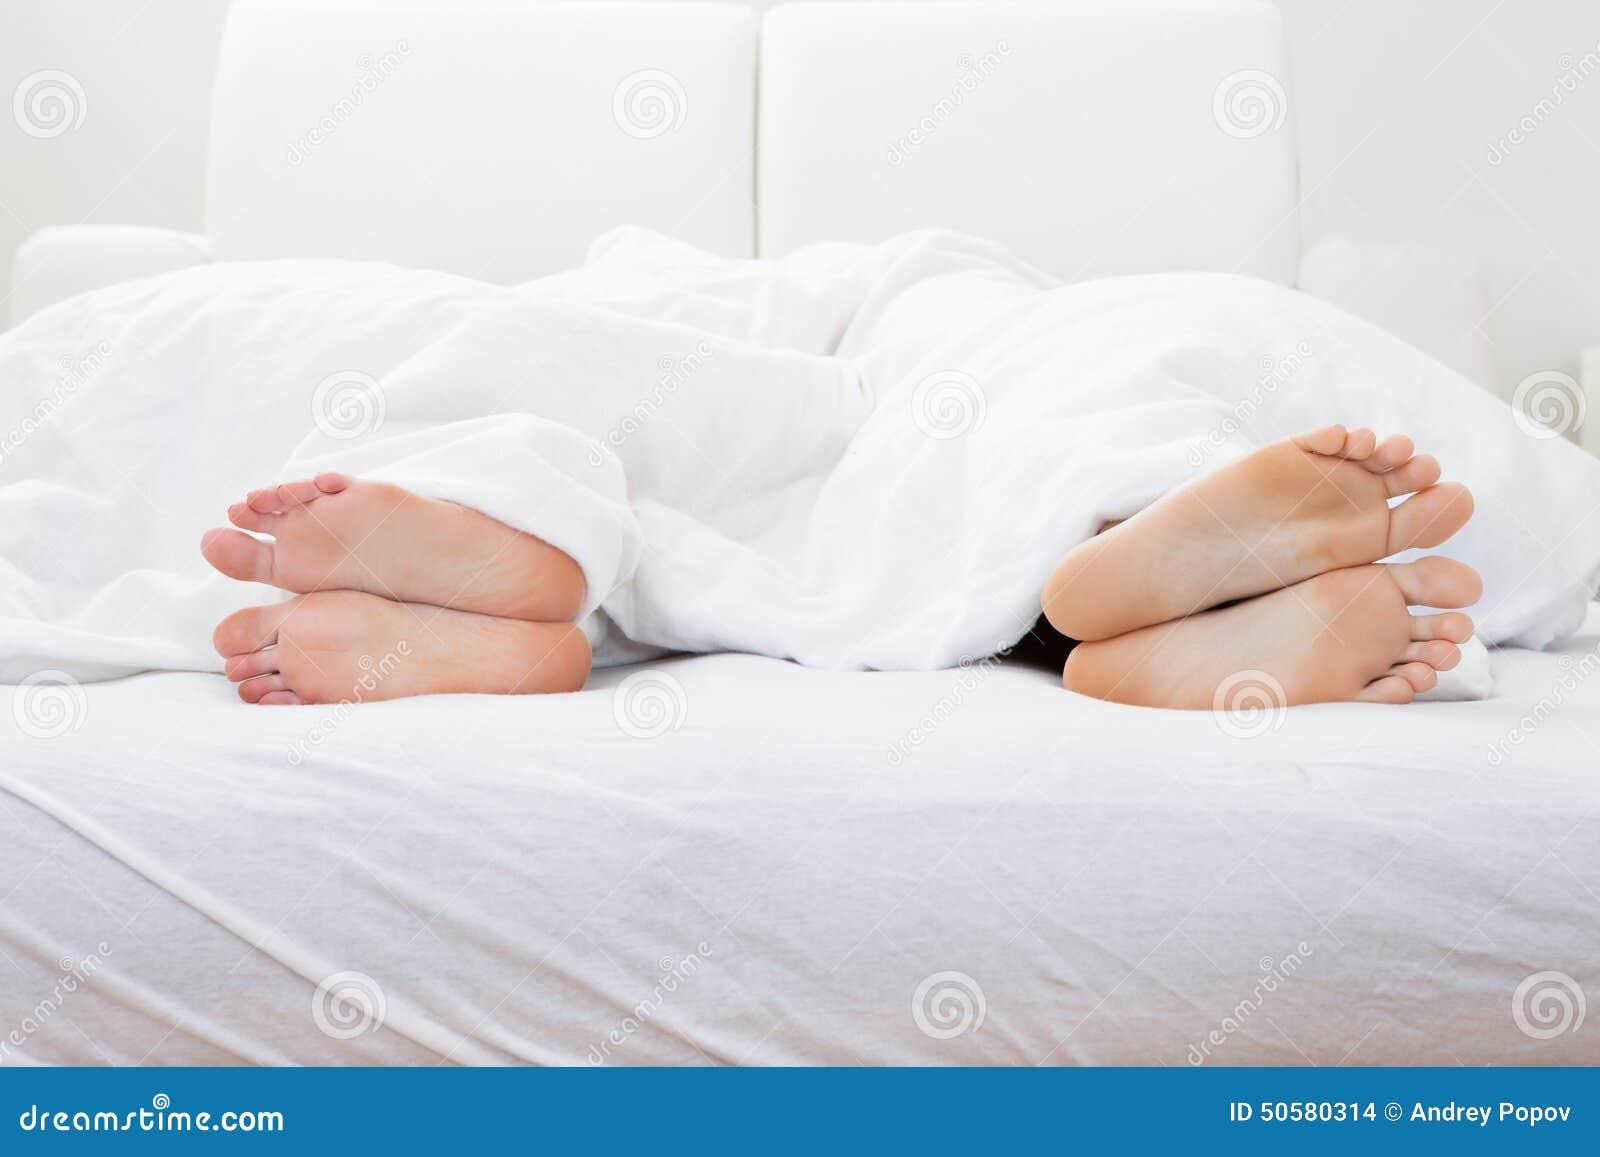 Girls hand in panties rubbing vagina panties on